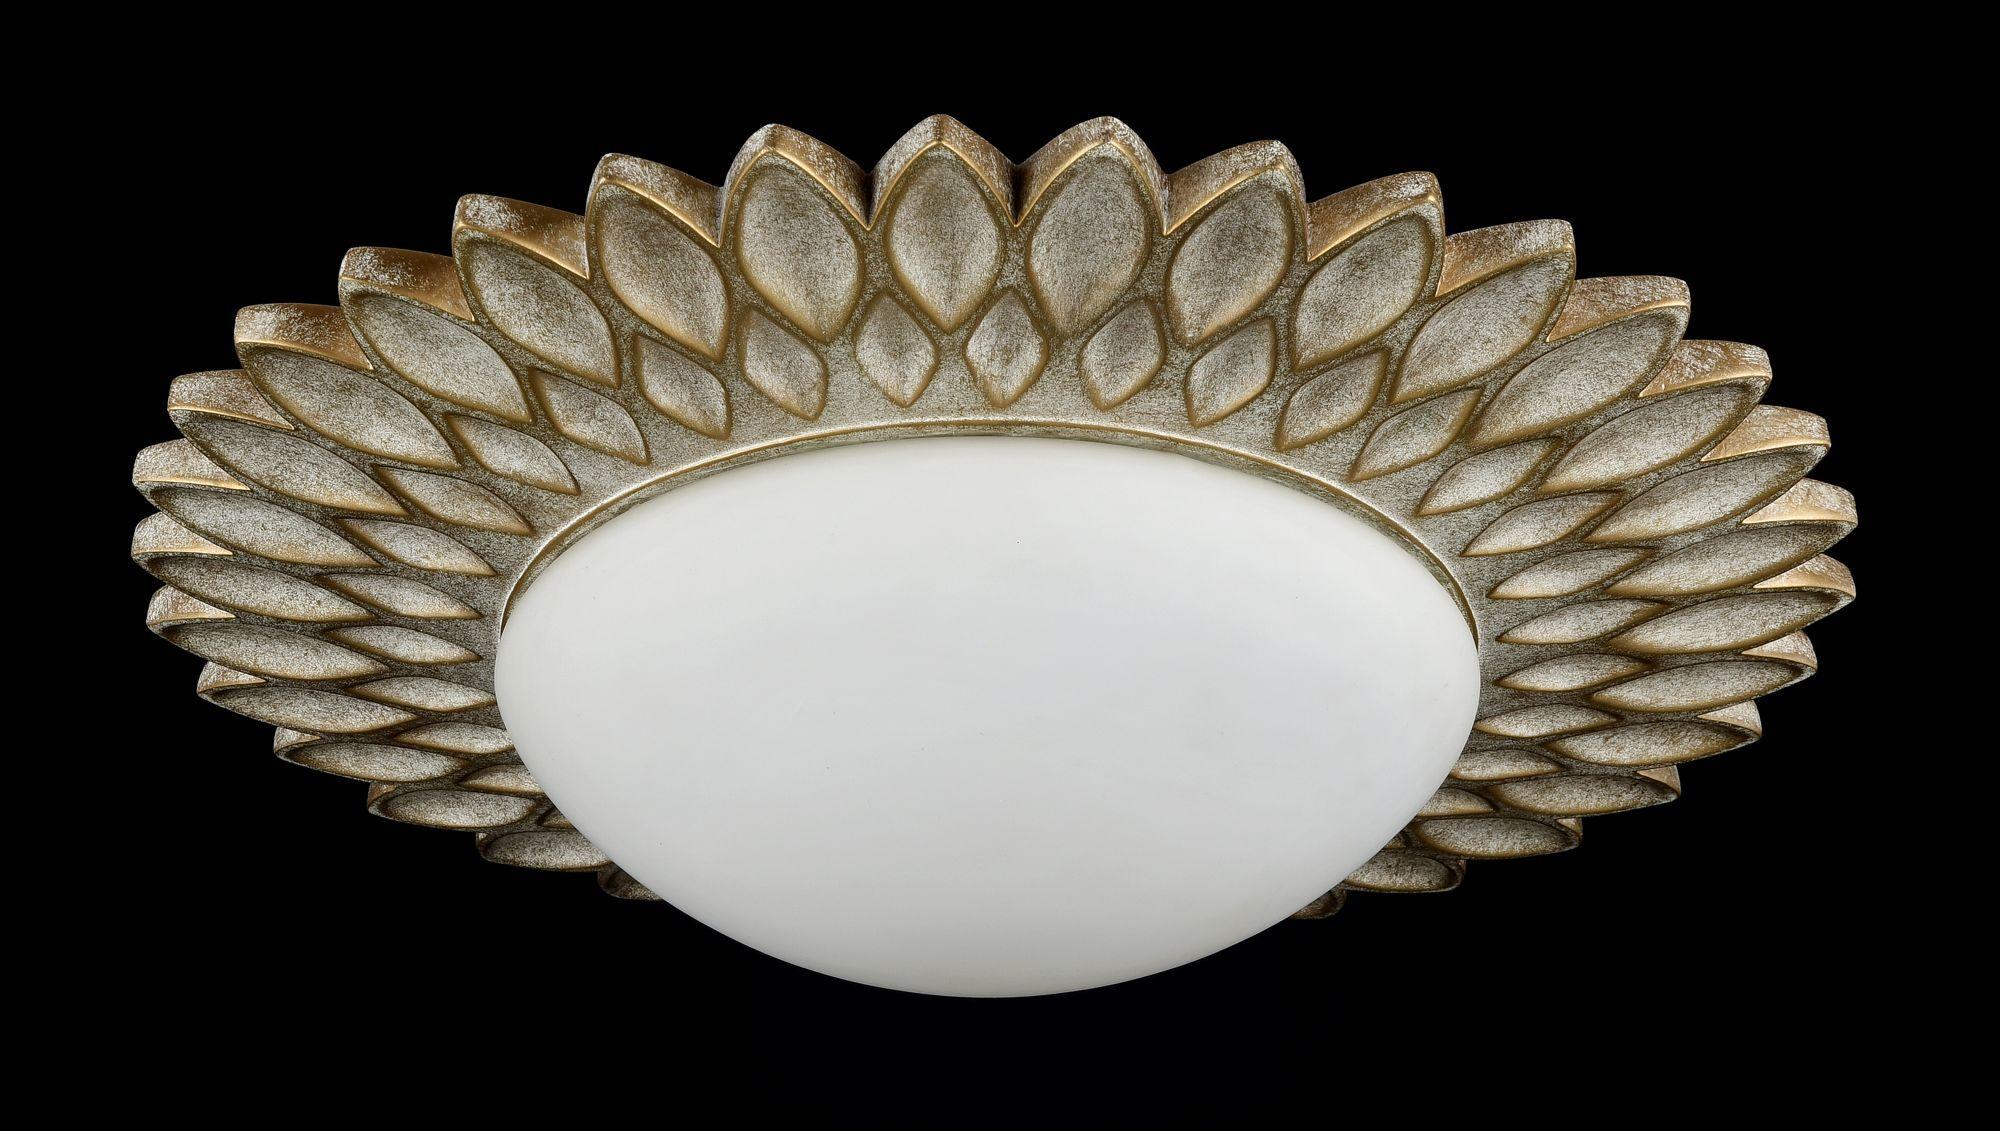 Потолочный светильник Maytoni Lamar H301-03-G, 3xE14x40W, бежевый, белый, металл, стекло - фото 5